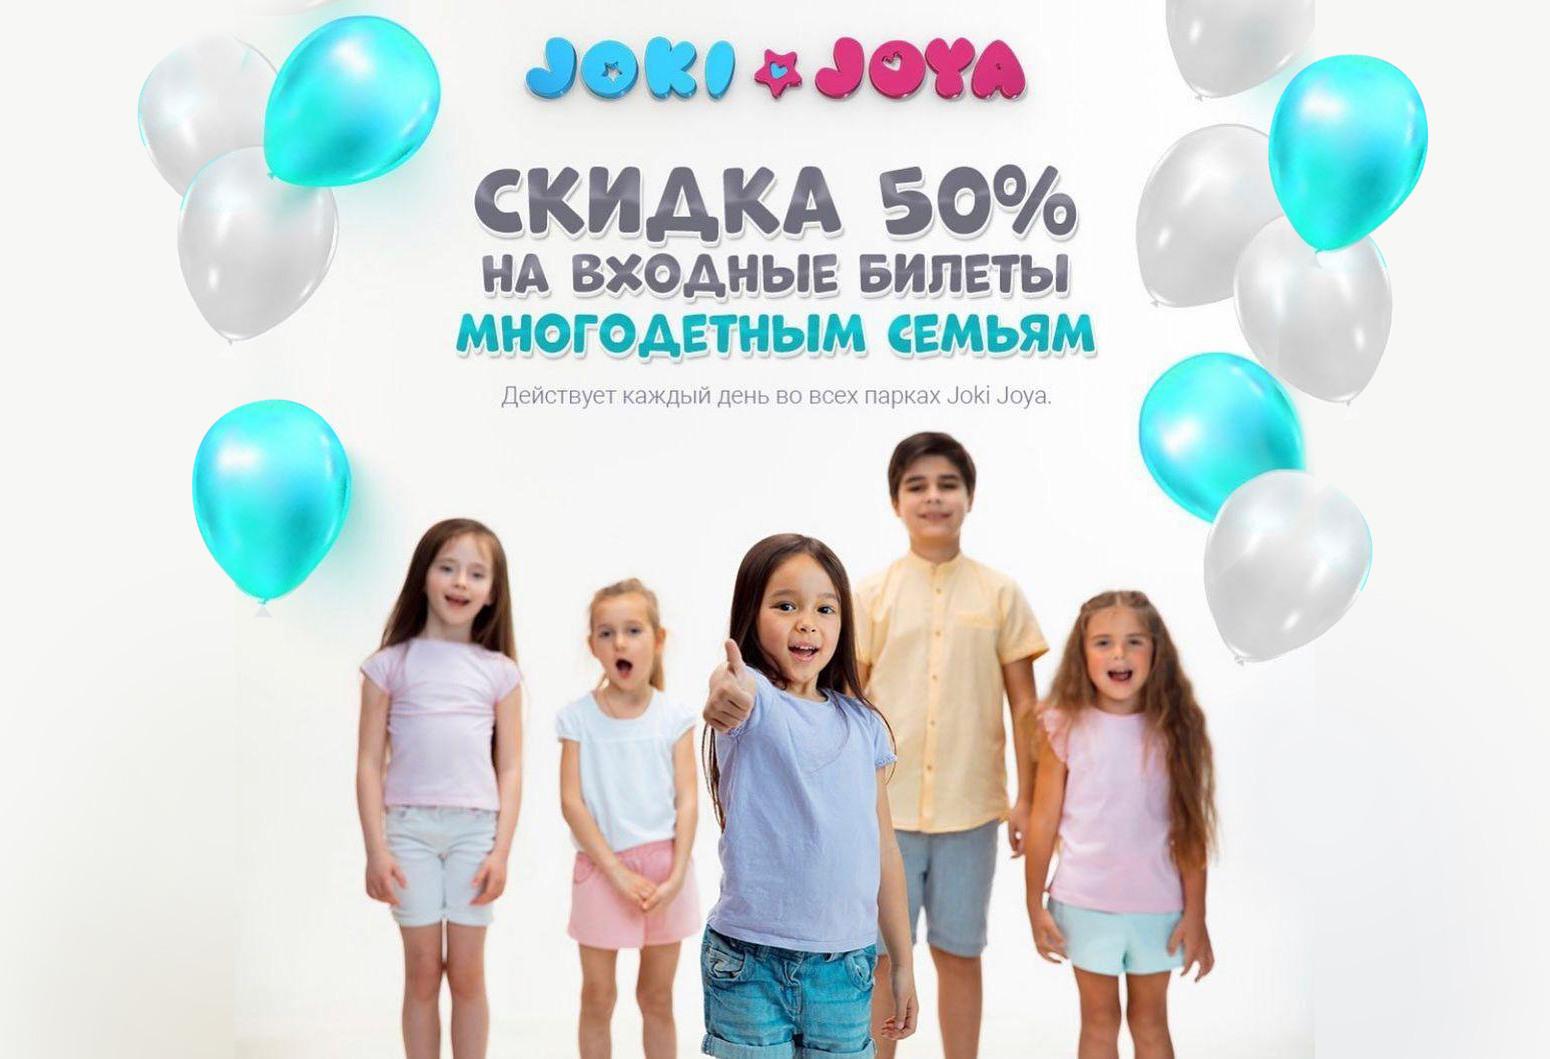 В  Joki Joya скидка 50% на входные билеты для многодетных семей.